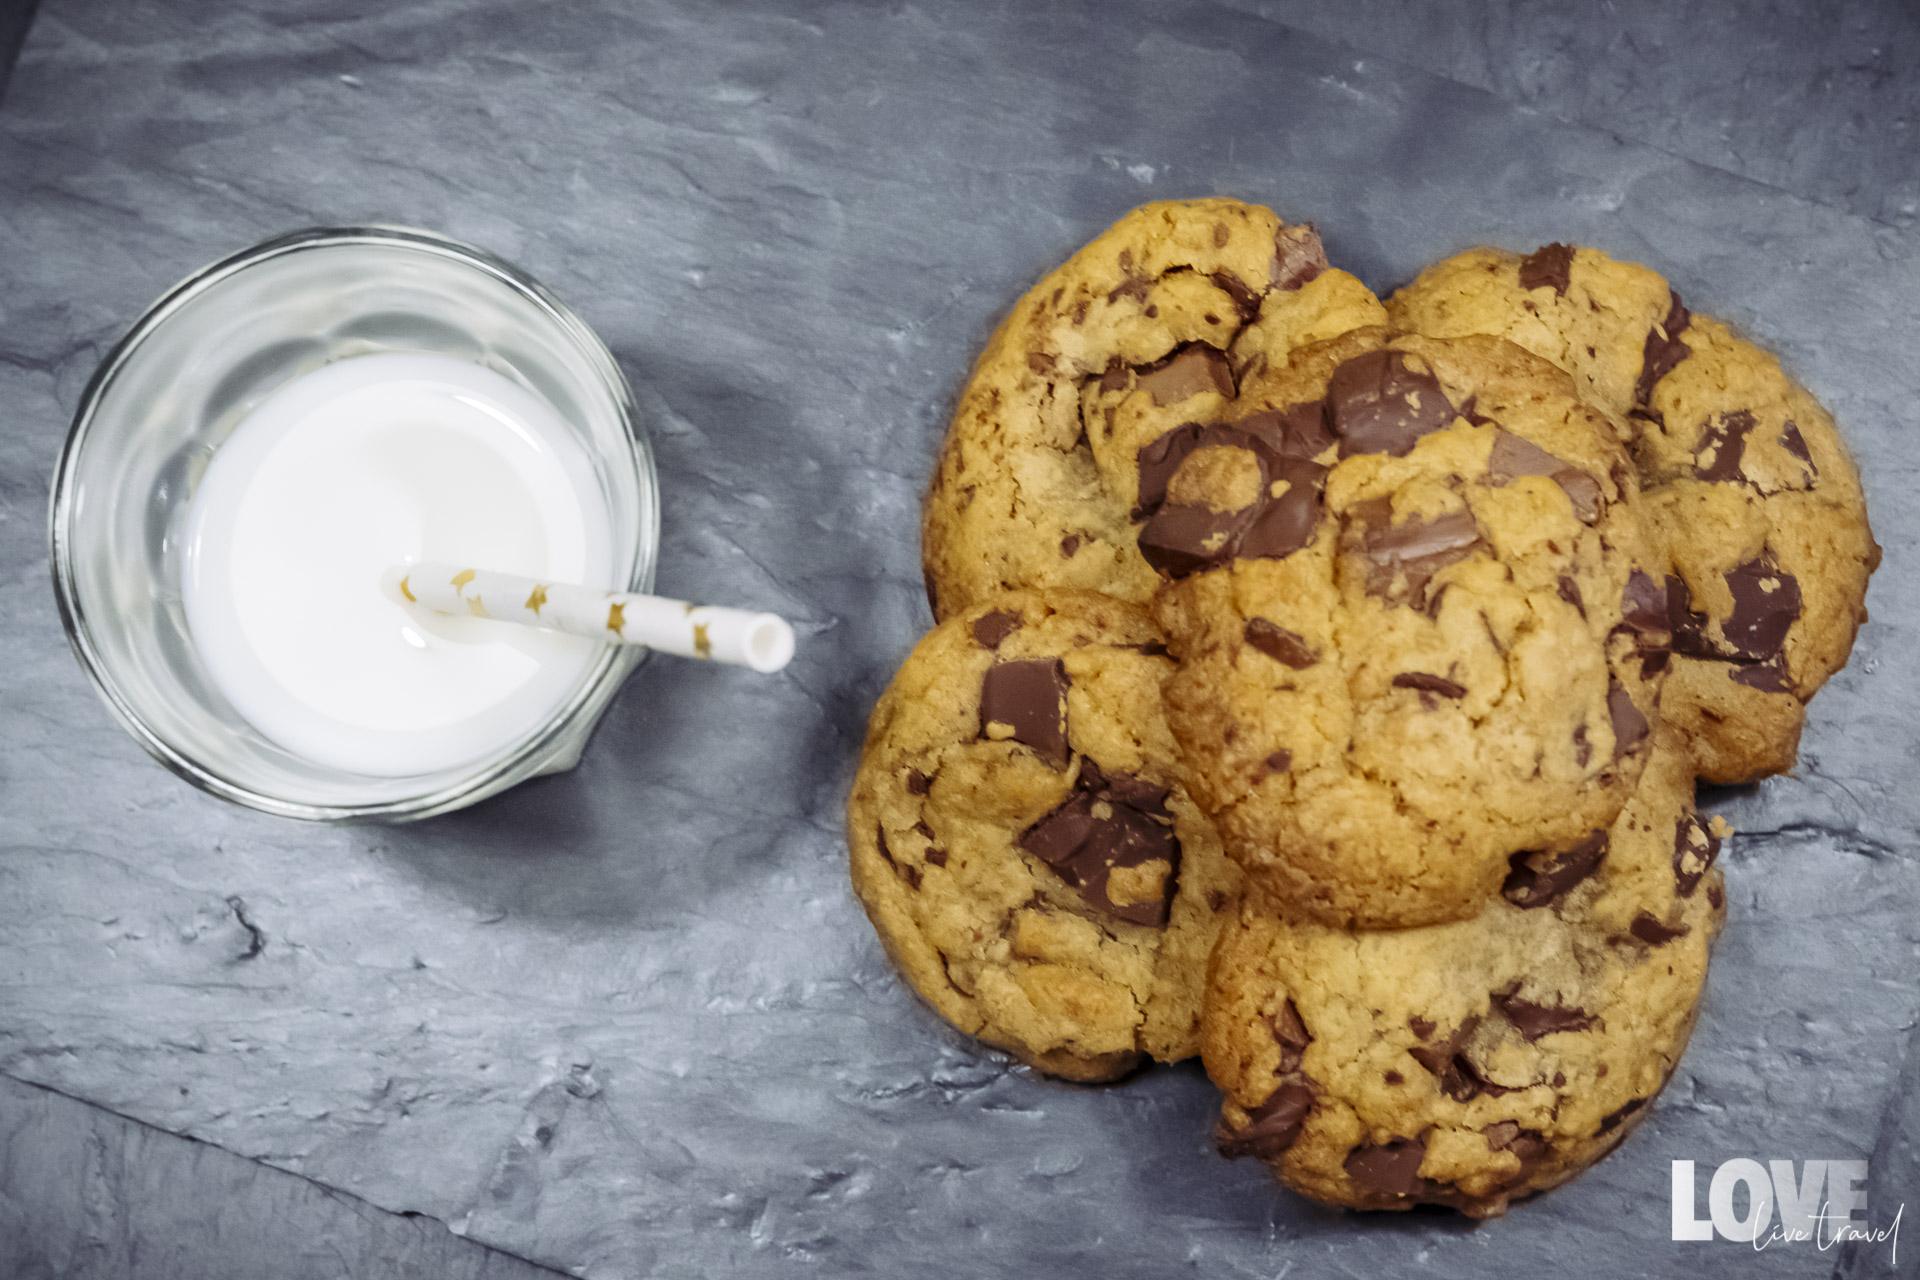 La recette de cookies au chocolat blog voyage et lifestyle lovelivetravel